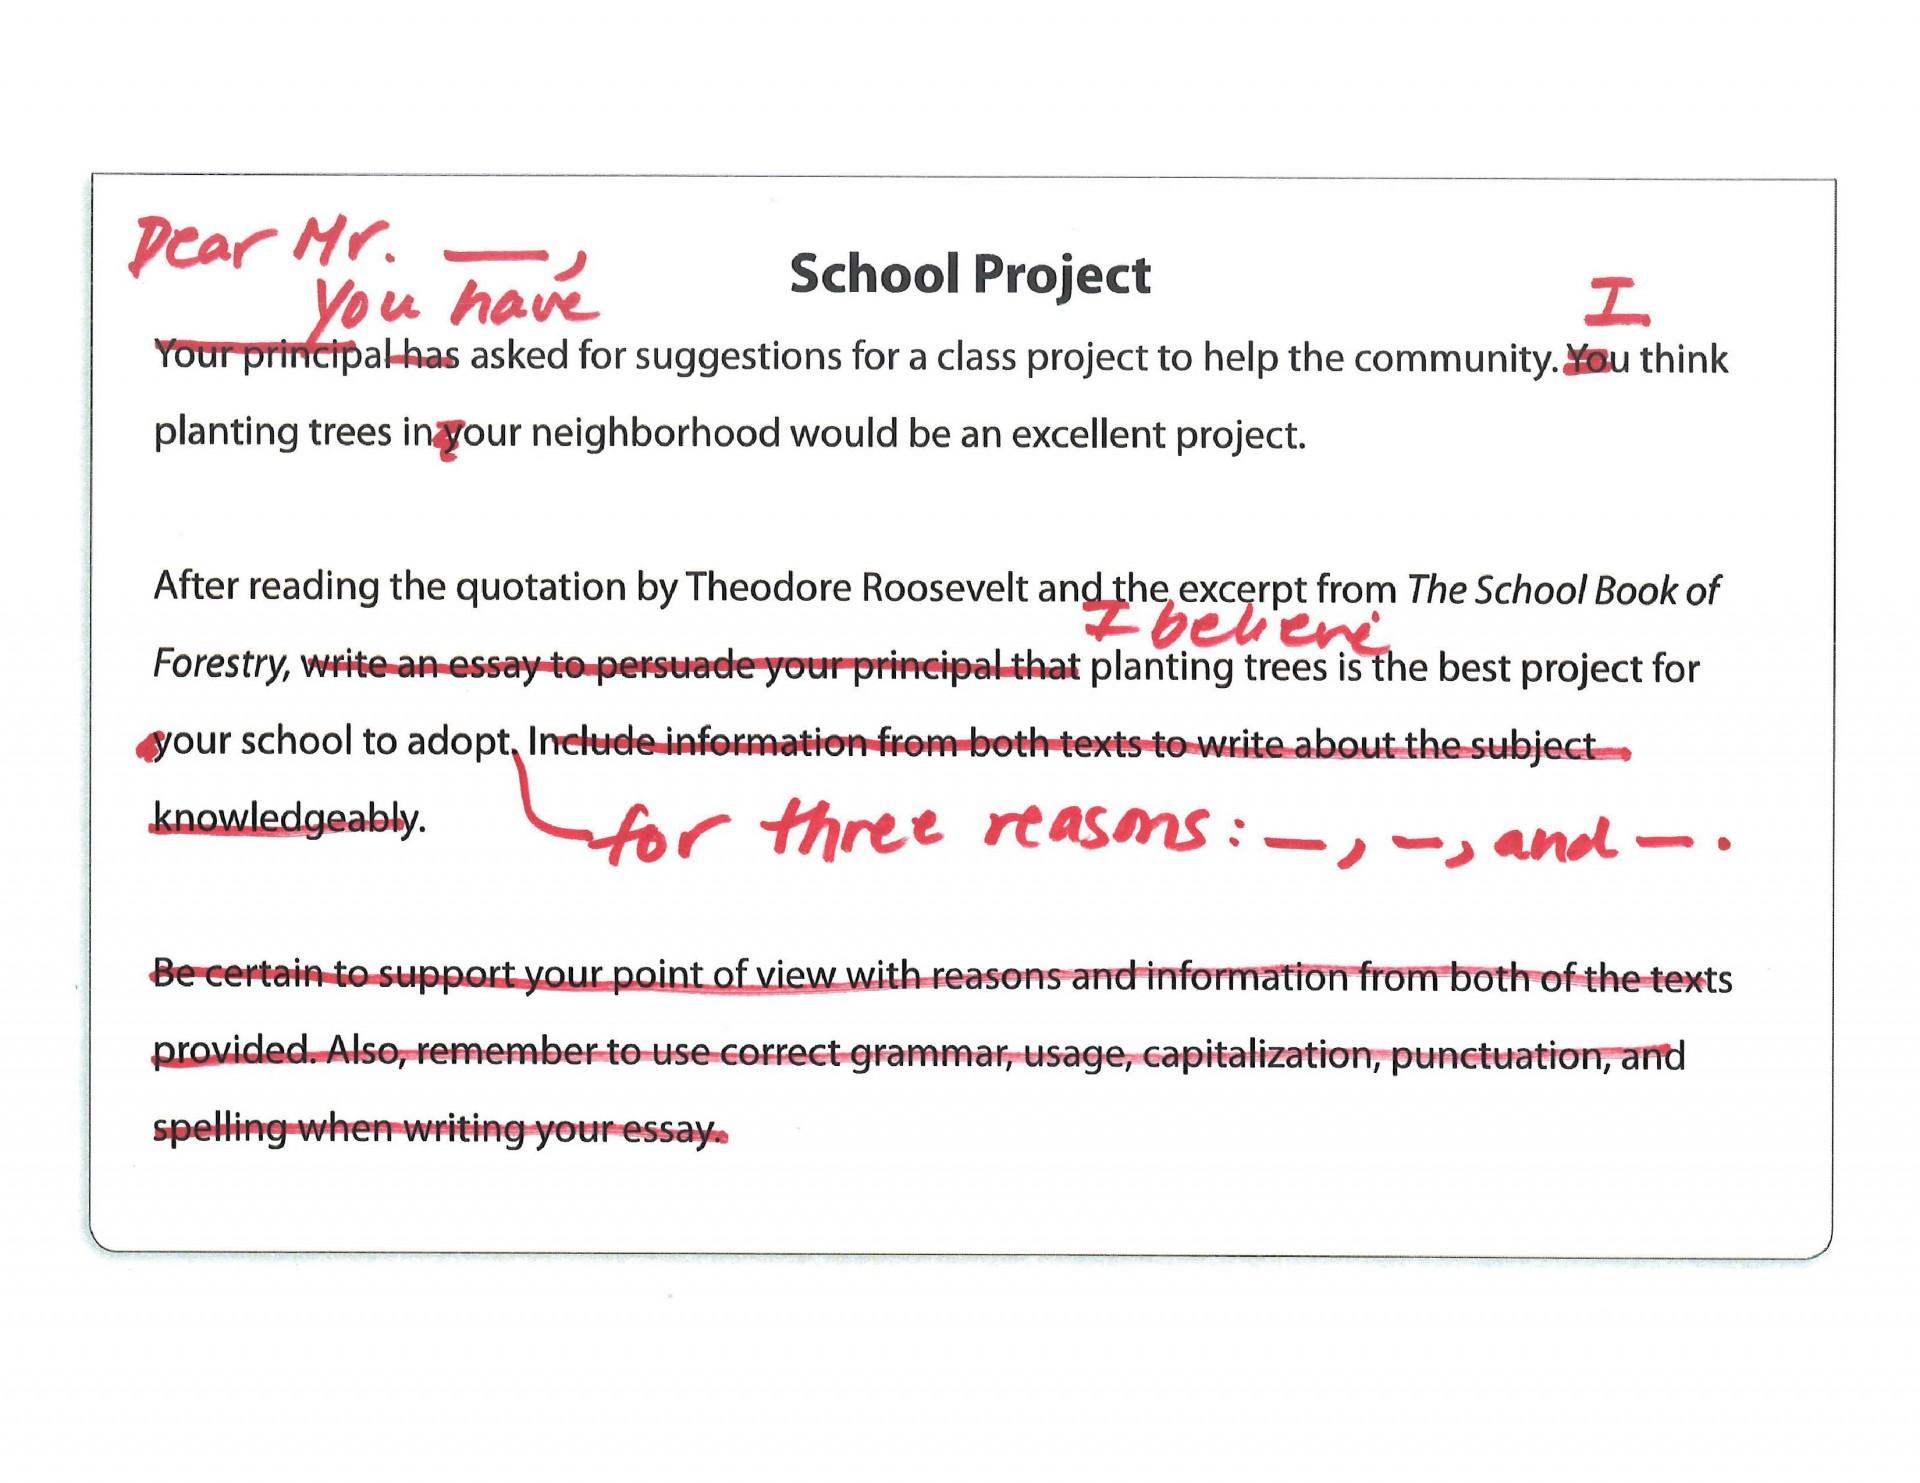 010 Faq  School Project Jpeg Prompt Definition Essay Fascinating1920